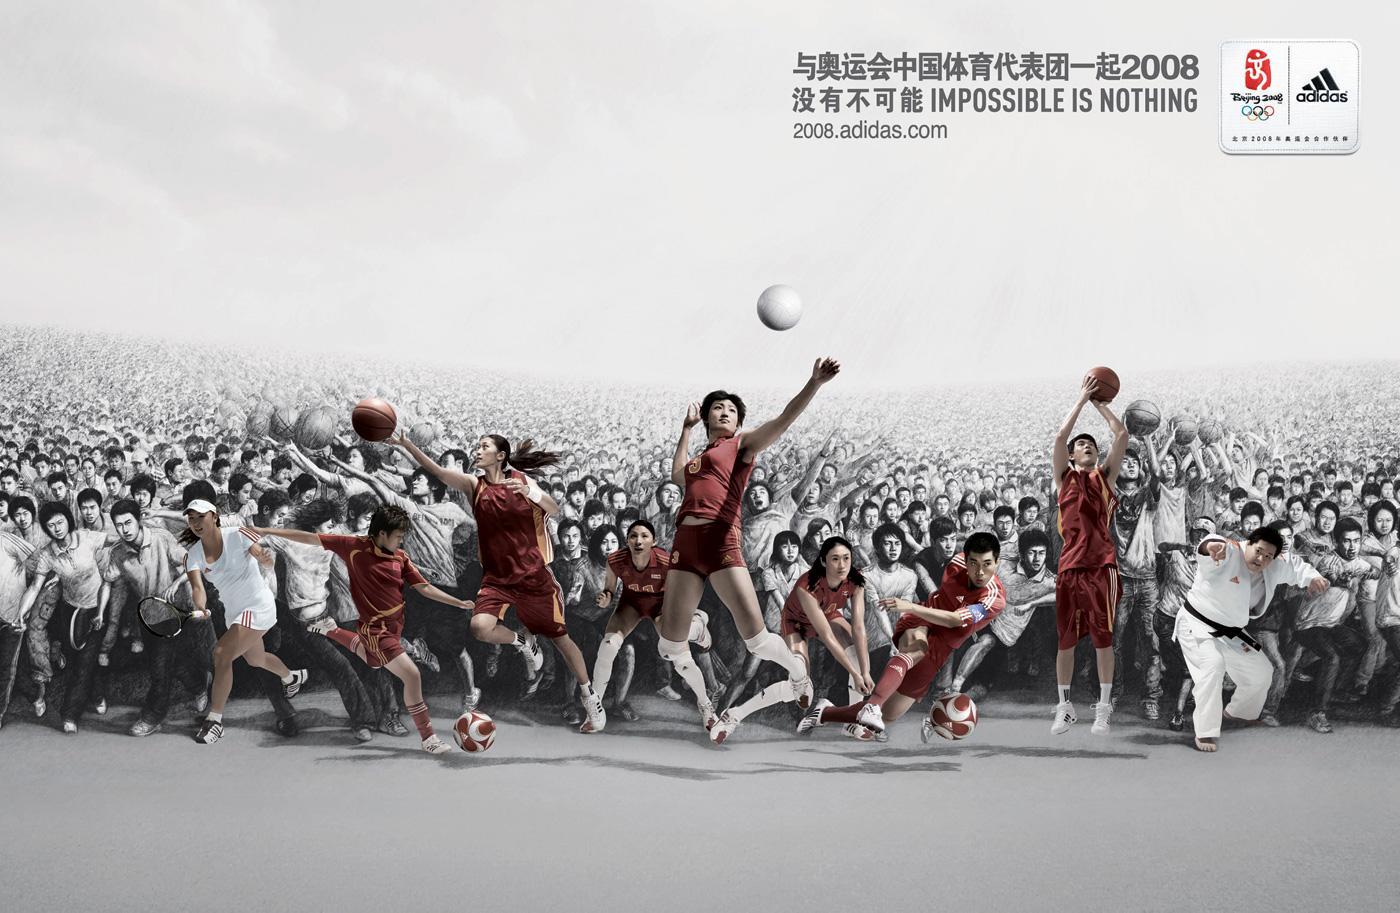 adidasgirls.jpg (image)